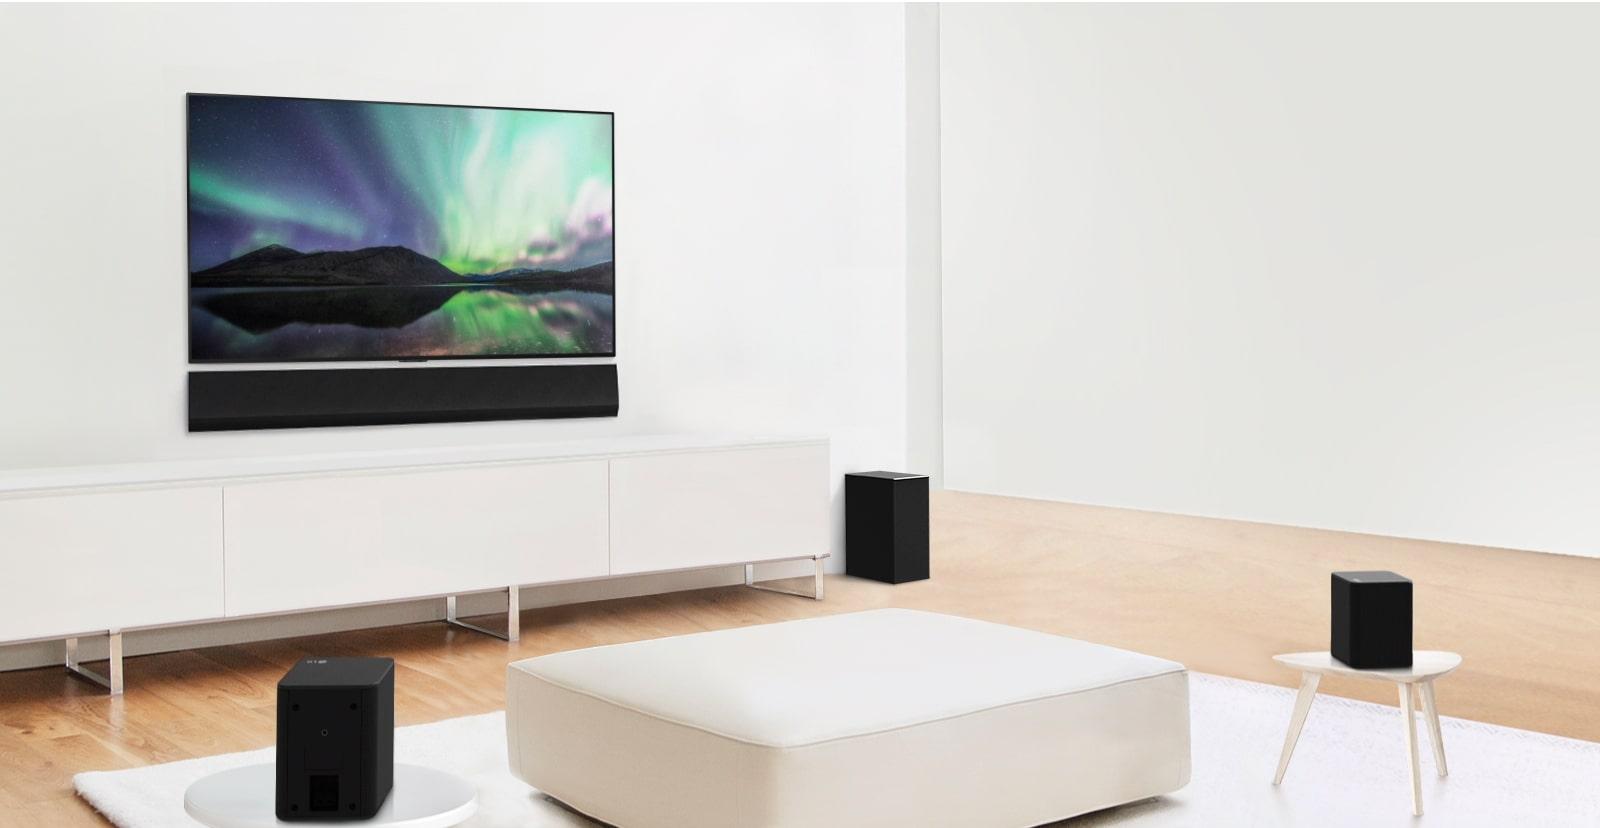 Anteprima del video che mostra la soundbar LG con configurazione a 3.1 canali in un soggiorno bianco.